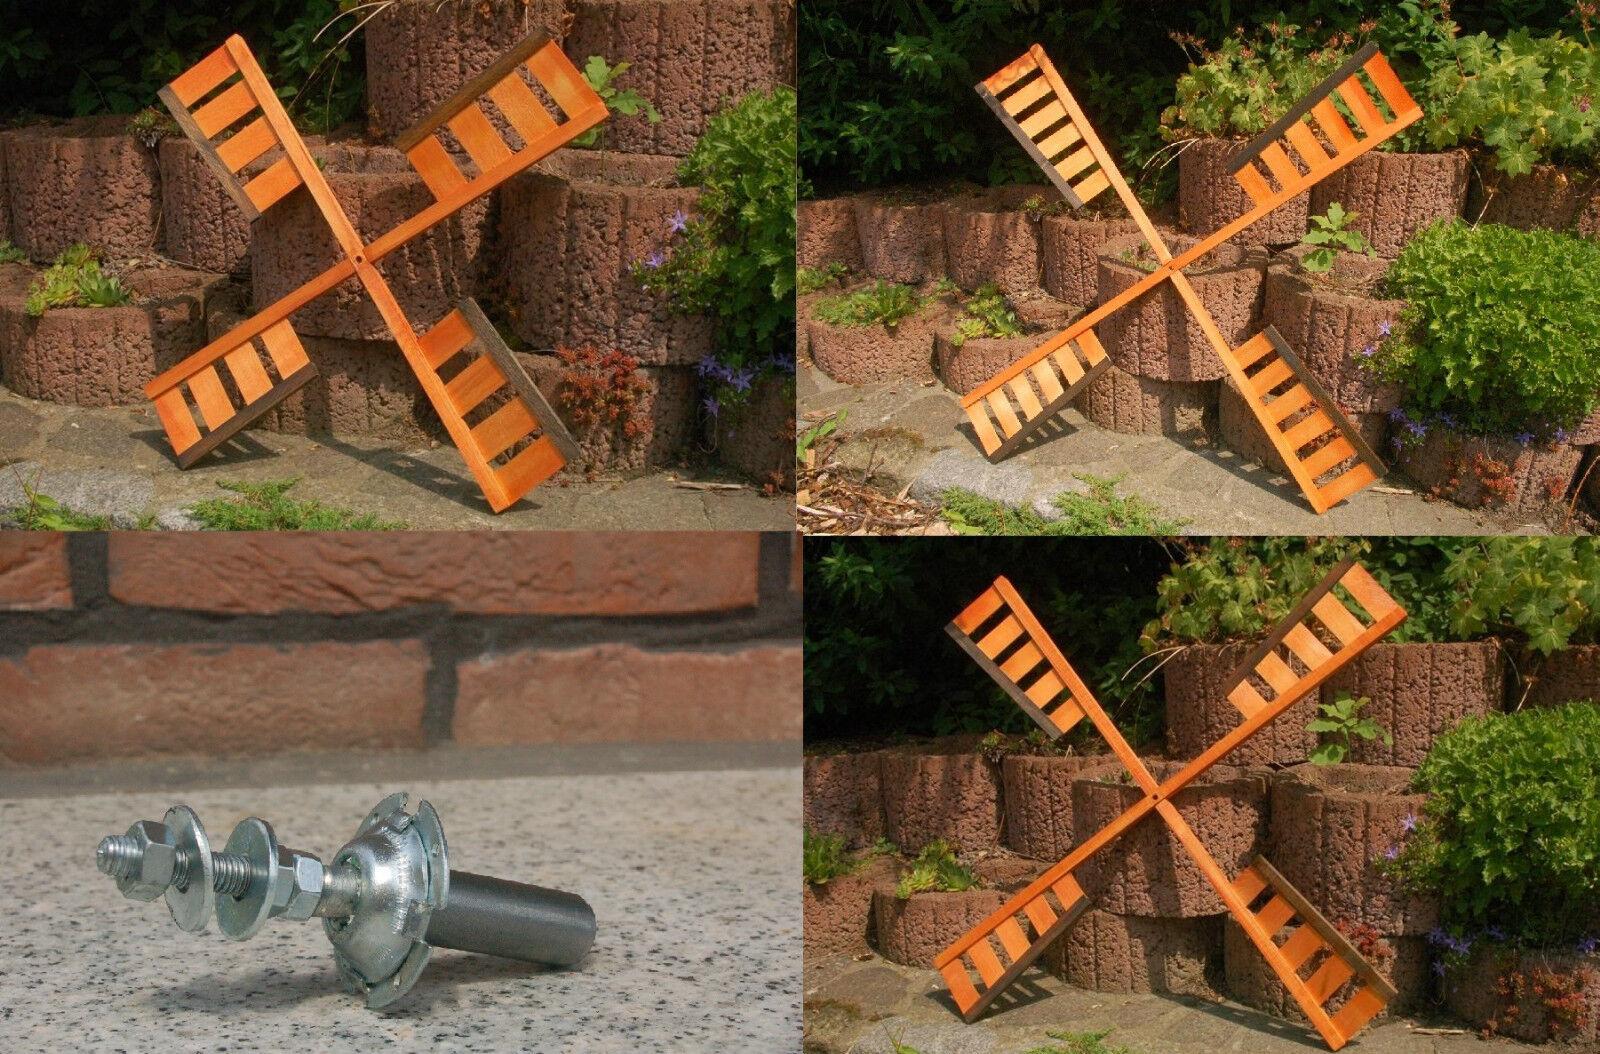 Flügel Windmühle Windrad wahllw. mit Kugellager versch. Längen Längen Längen Ersatzteil | Zürich  | Clearance Sale  | Billig  114dc1